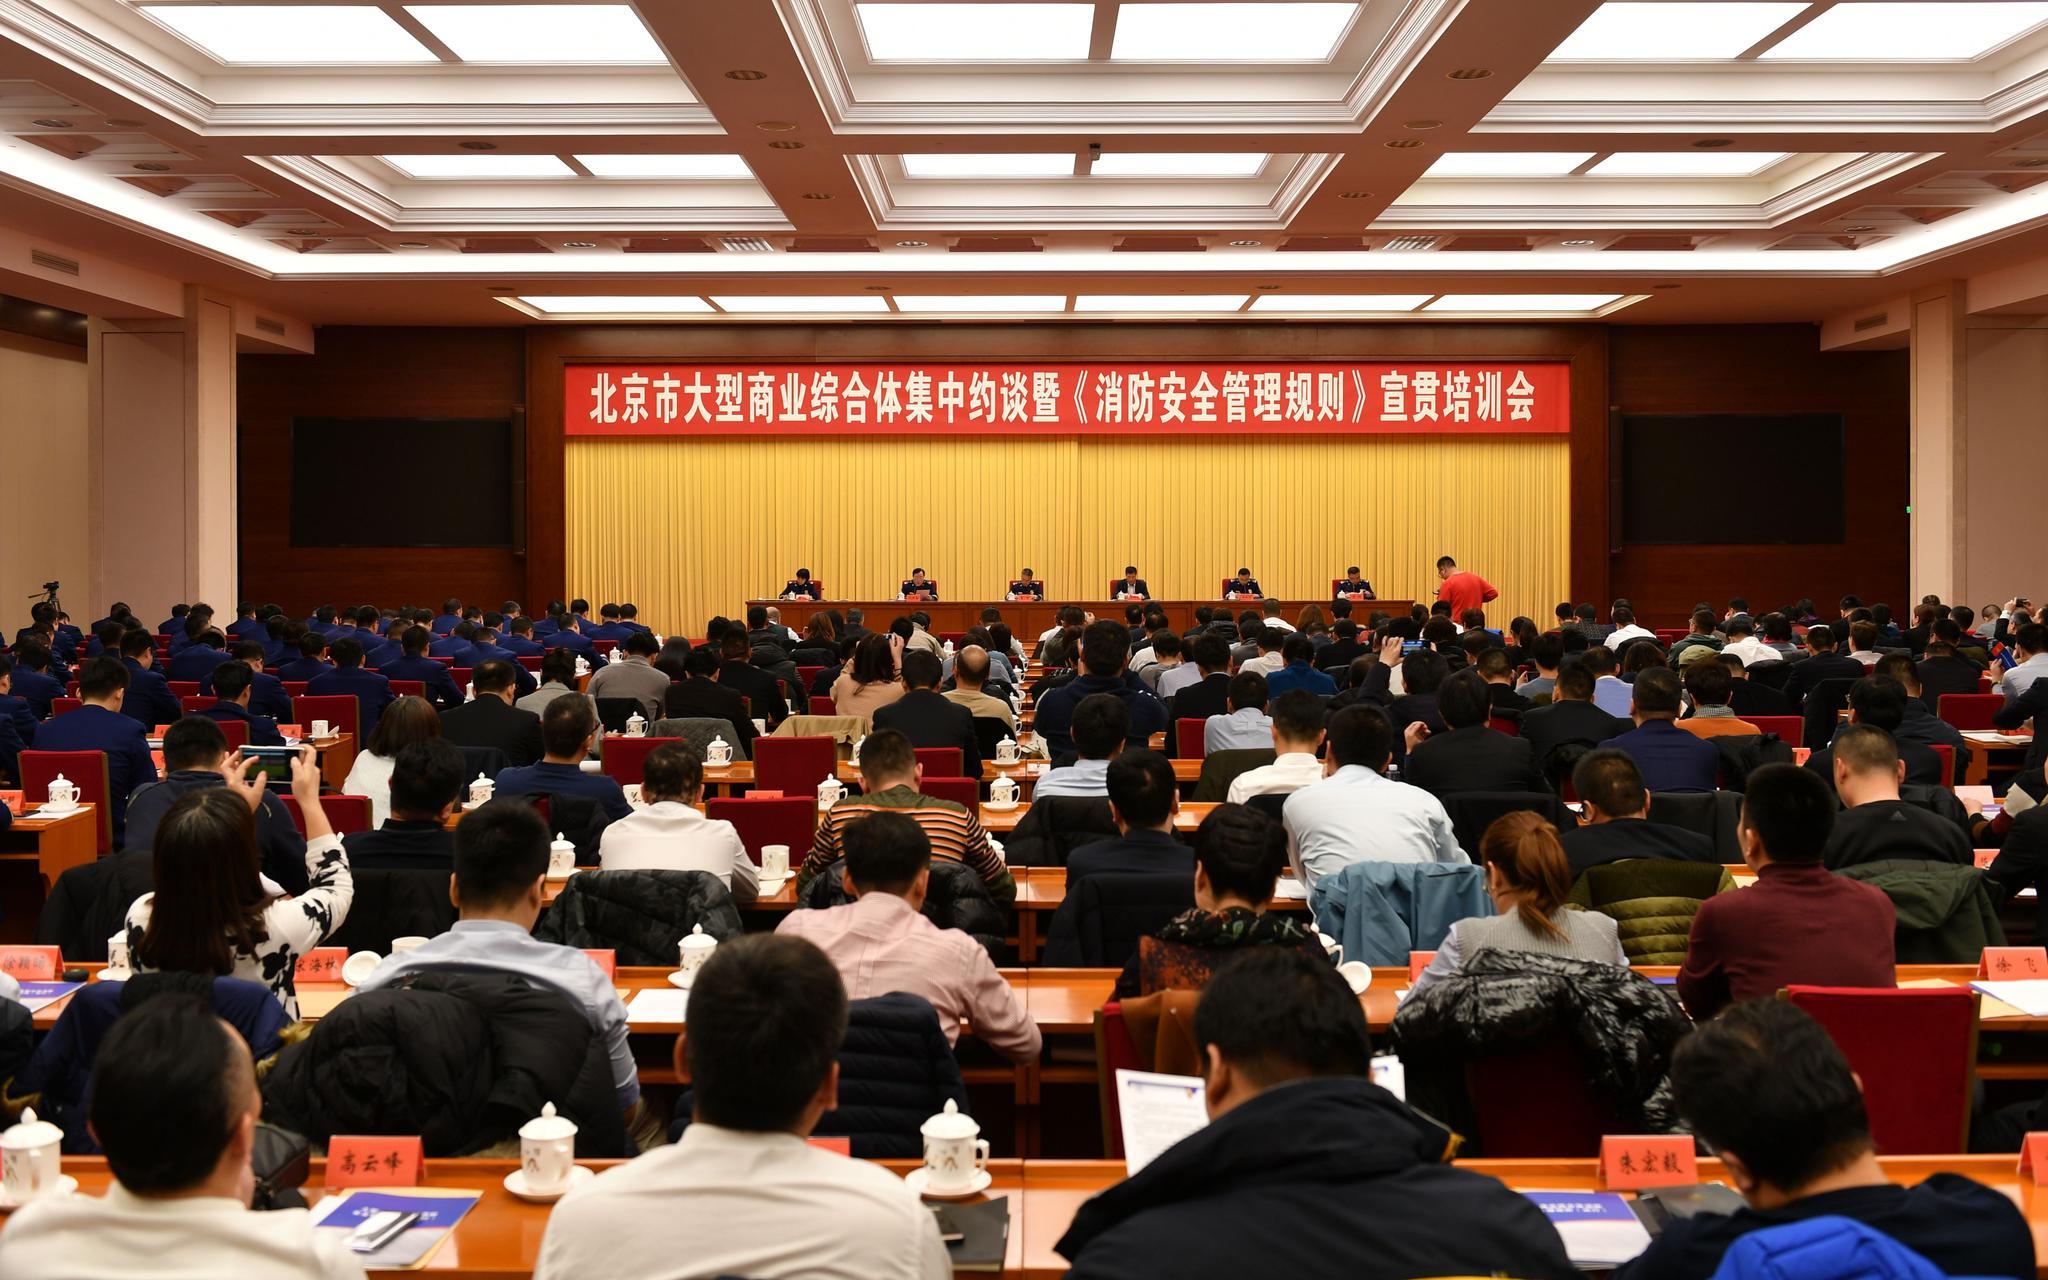 http://www.taizz.cn/zhejiang/145023.html